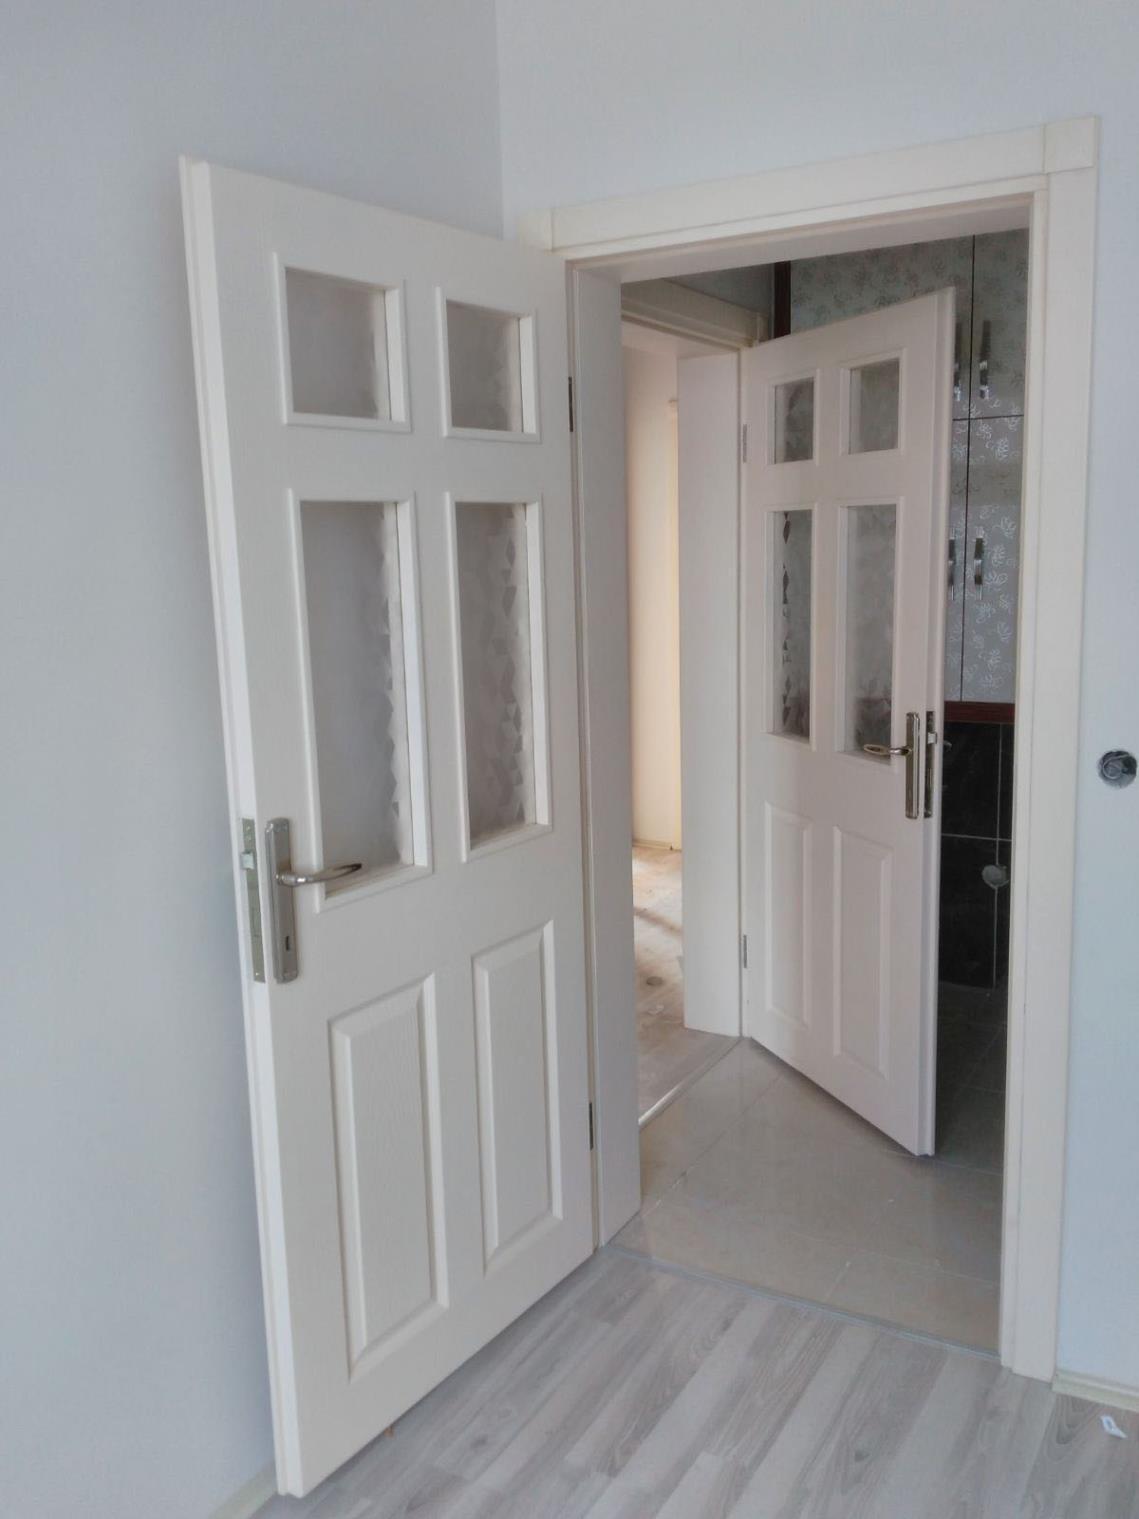 İç Oda Kapıları - 5